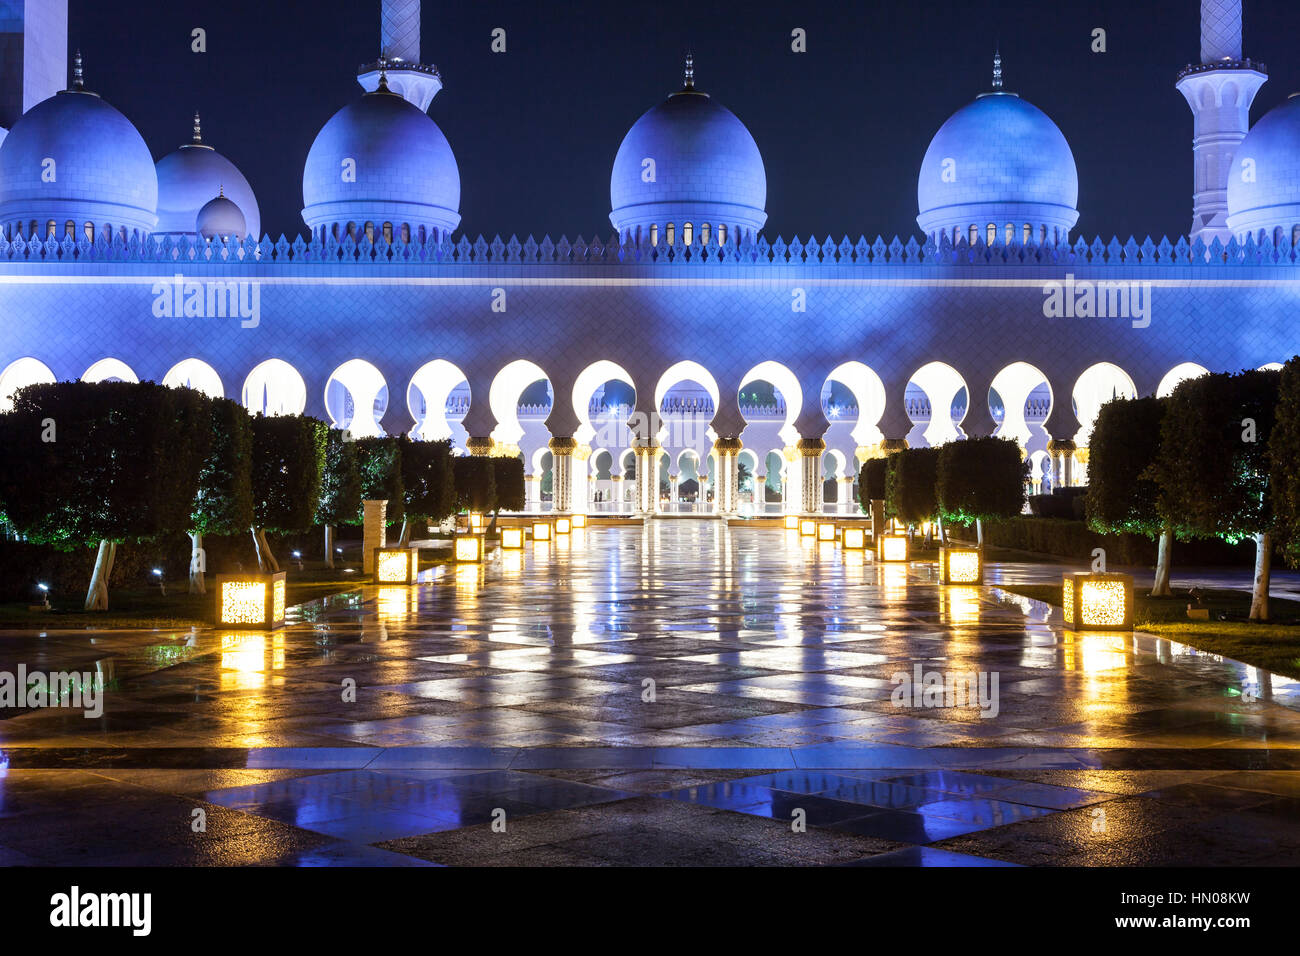 Sheikh Zayed Grand Mosque nachts beleuchtet. Abu Dhabi, Vereinigte Arabische Emirate, Naher Osten Stockbild